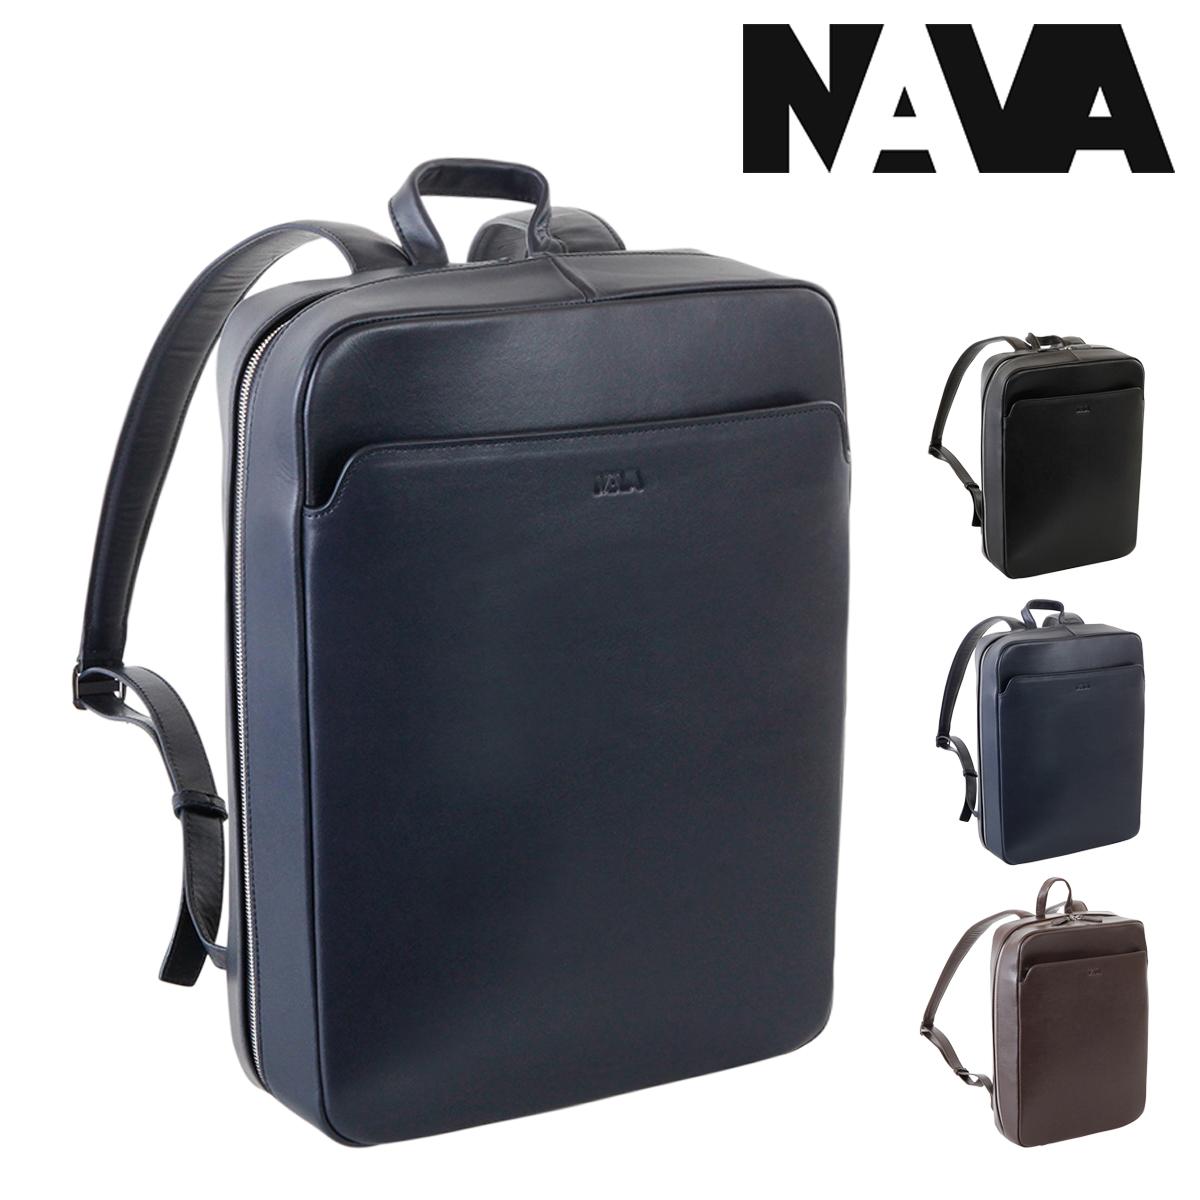 ナヴァデザイン リュック ミラノ メンズ MI070 NAVA design MILANO | リュックサック バックパック デイパック ビジネスバッグ キャリーオン PCケース 15インチ 本革